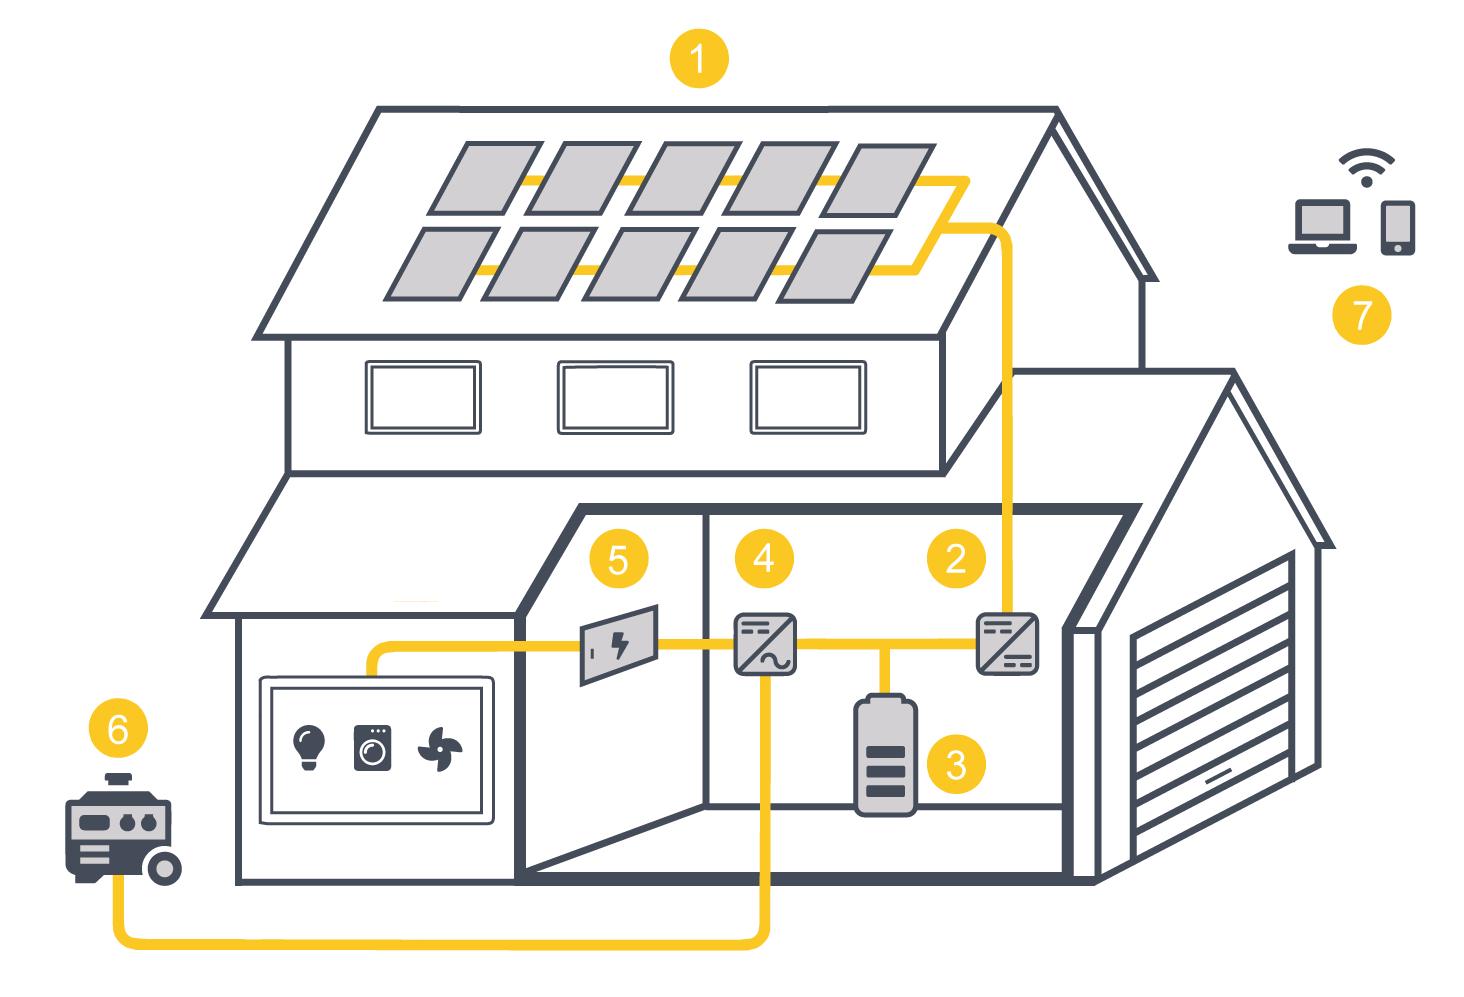 Instalación fotovoltaica para autoconsumo aislada de la red